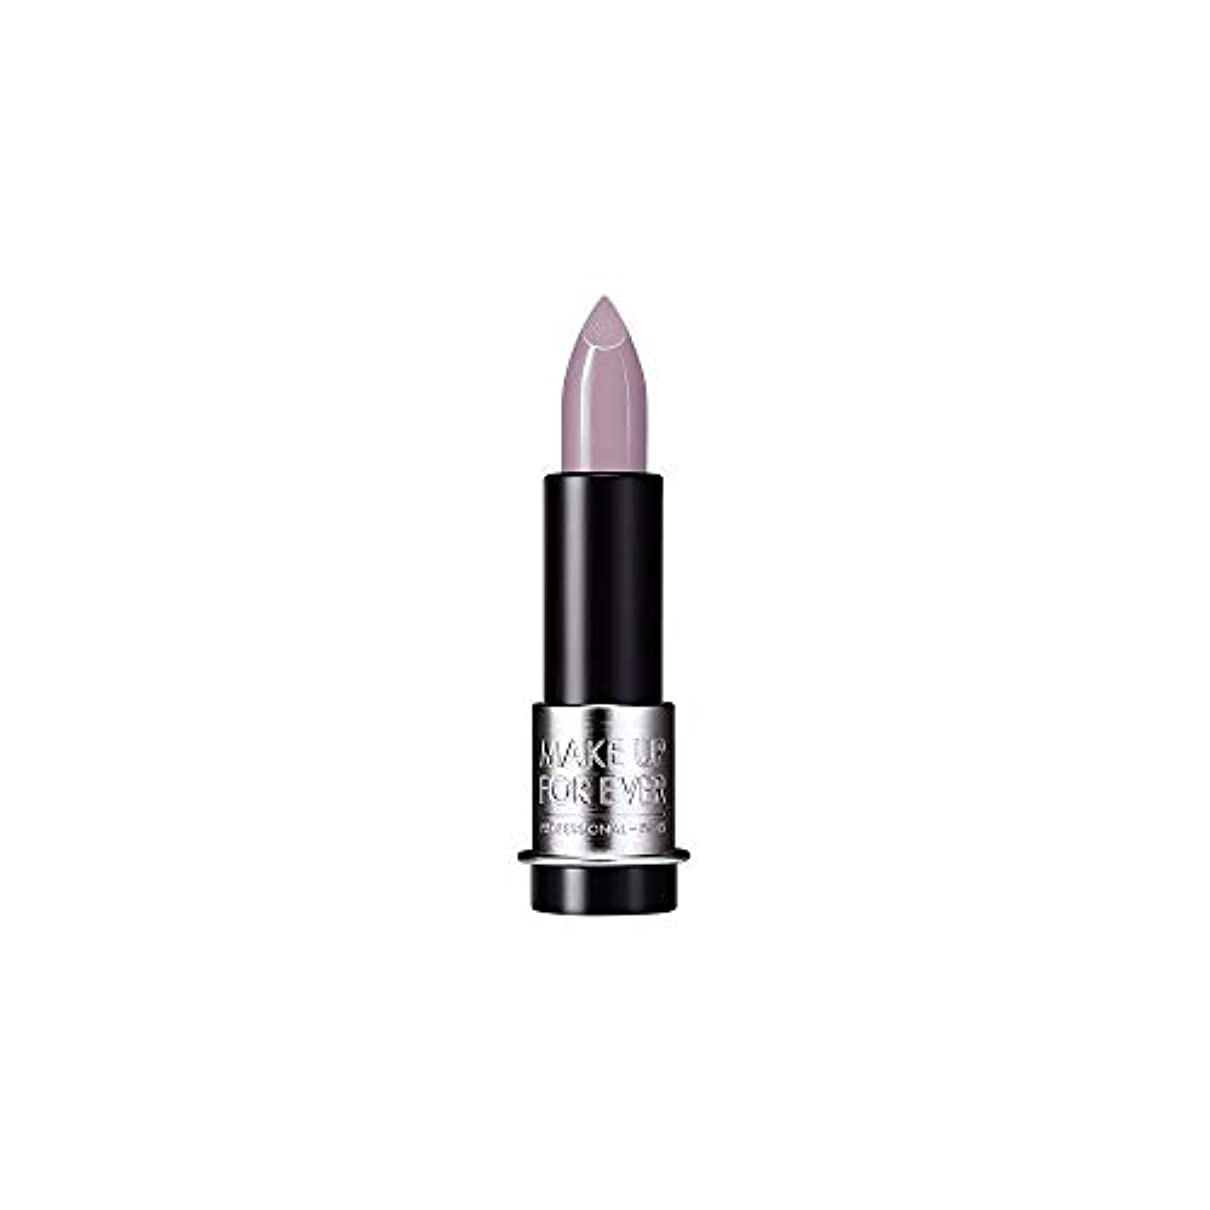 ダーベビルのテス気分が良いすり[MAKE UP FOR EVER] これまでアーティストルージュクリーム口紅3.5グラムのC502を補う - トープバイオレット - MAKE UP FOR EVER Artist Rouge Creme Lipstick 3.5g C502 - Taupe Violet [並行輸入品]